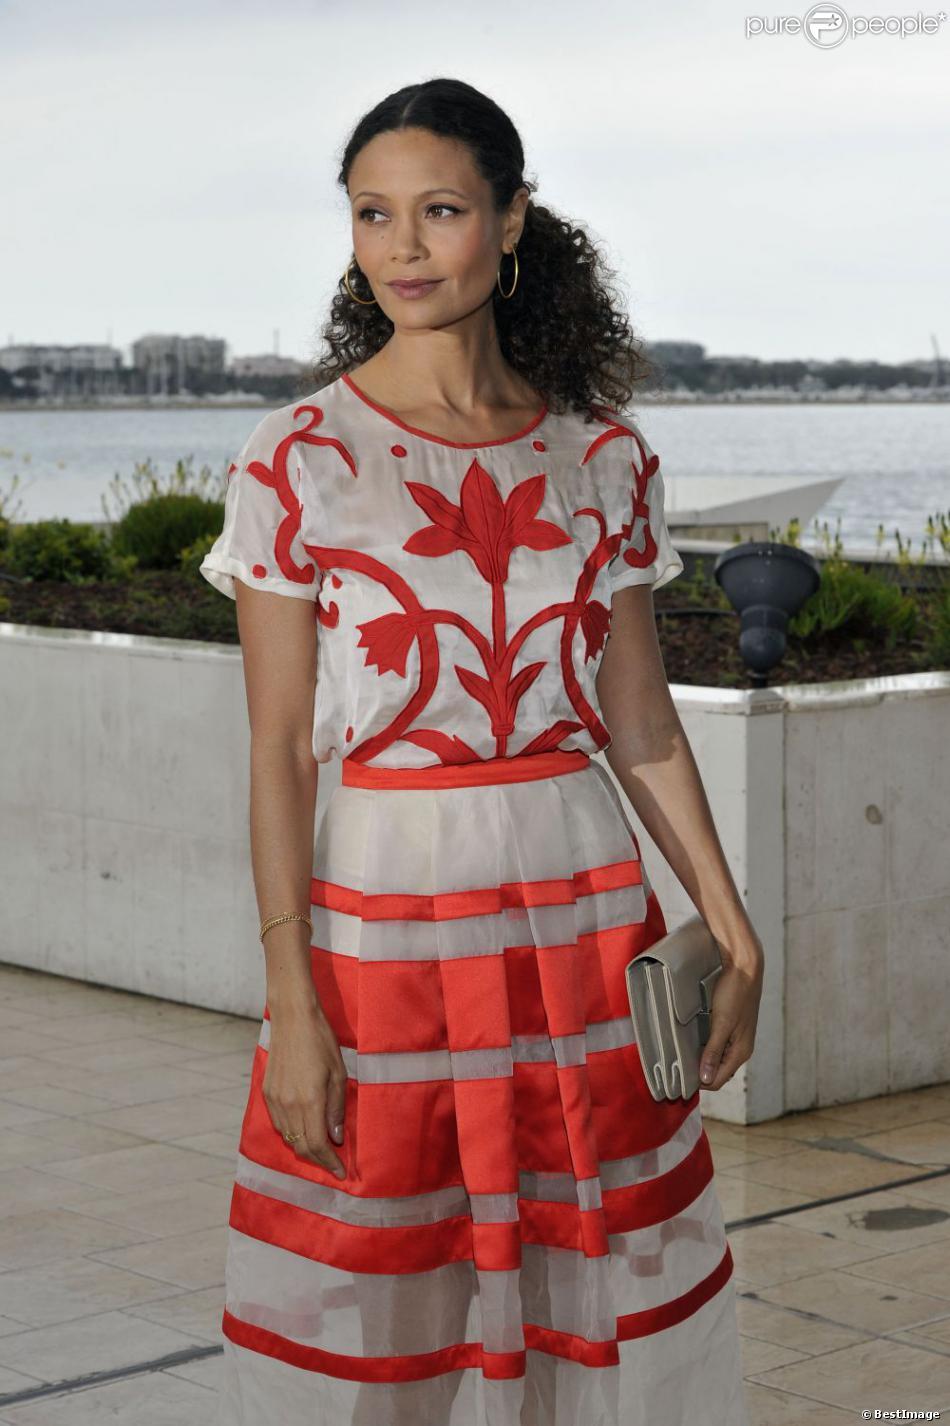 Thandie Newton à la 50e édition du MIP TV (Marché international des programmes de télévision), à Cannes le 8 avril 2013.